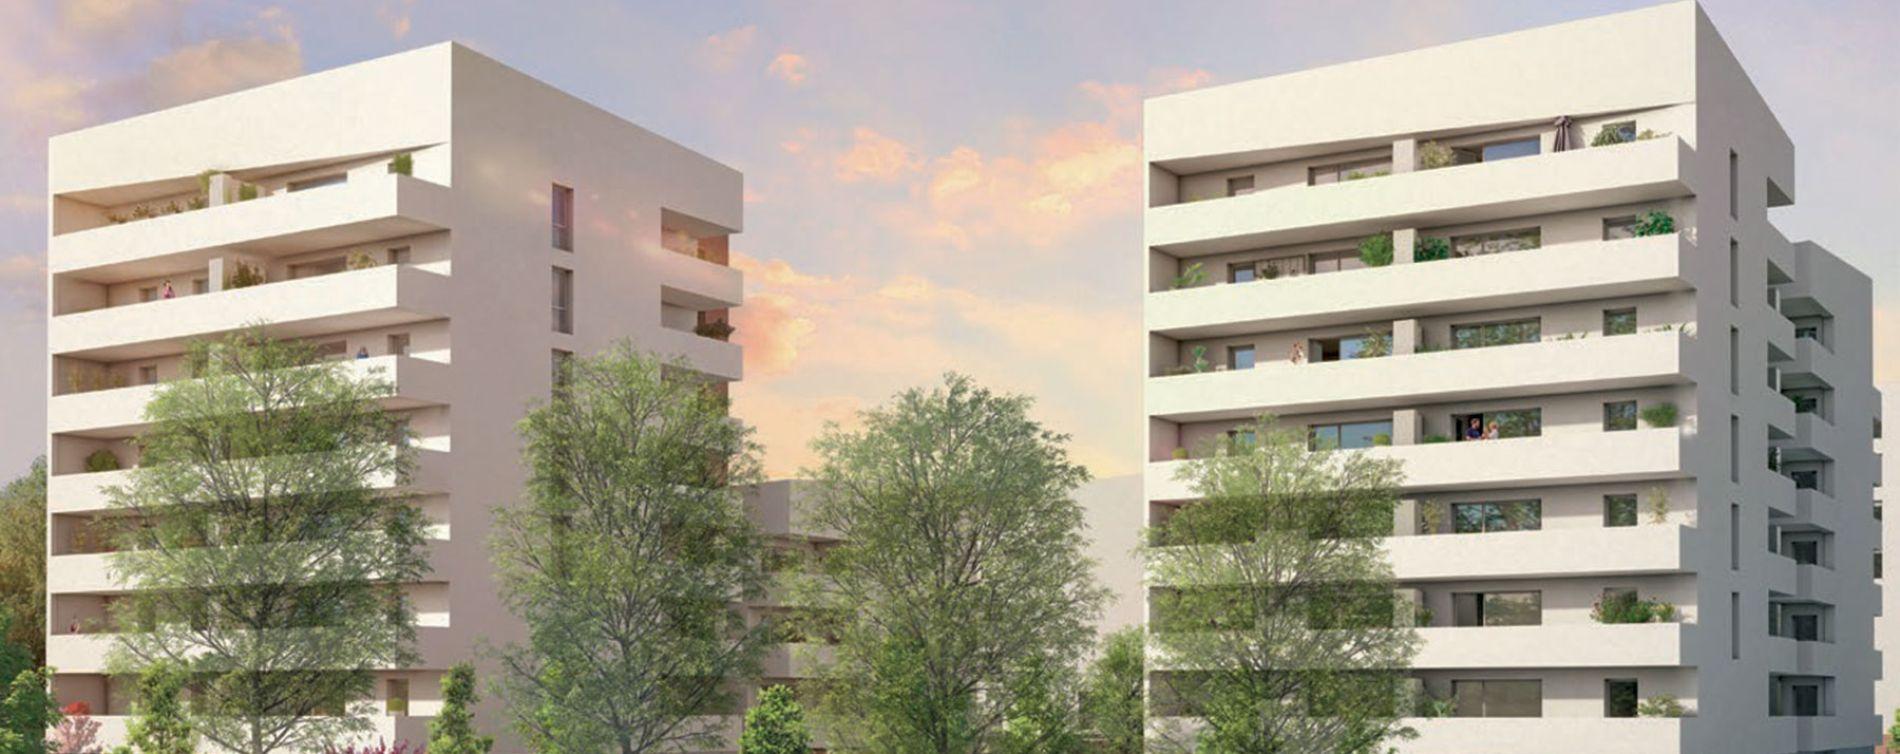 Résidence Variations à Toulouse